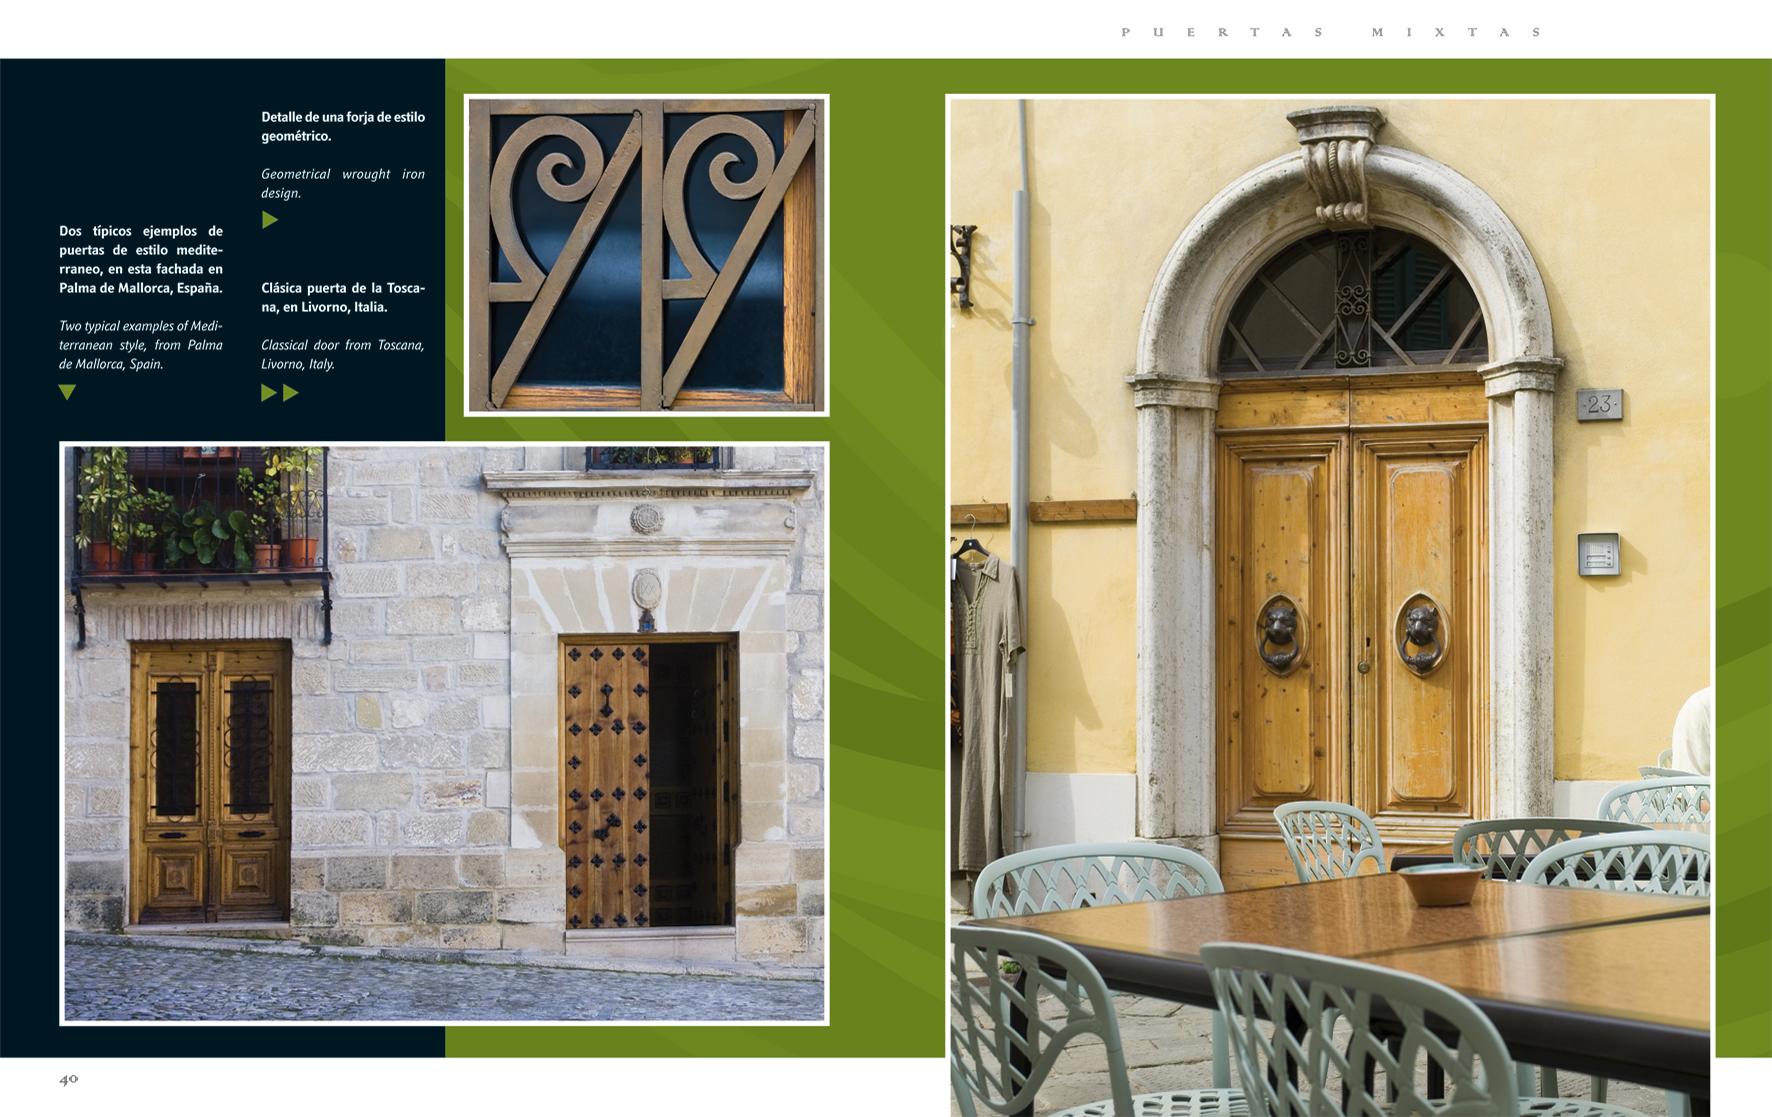 puerta-mixto3.jpg